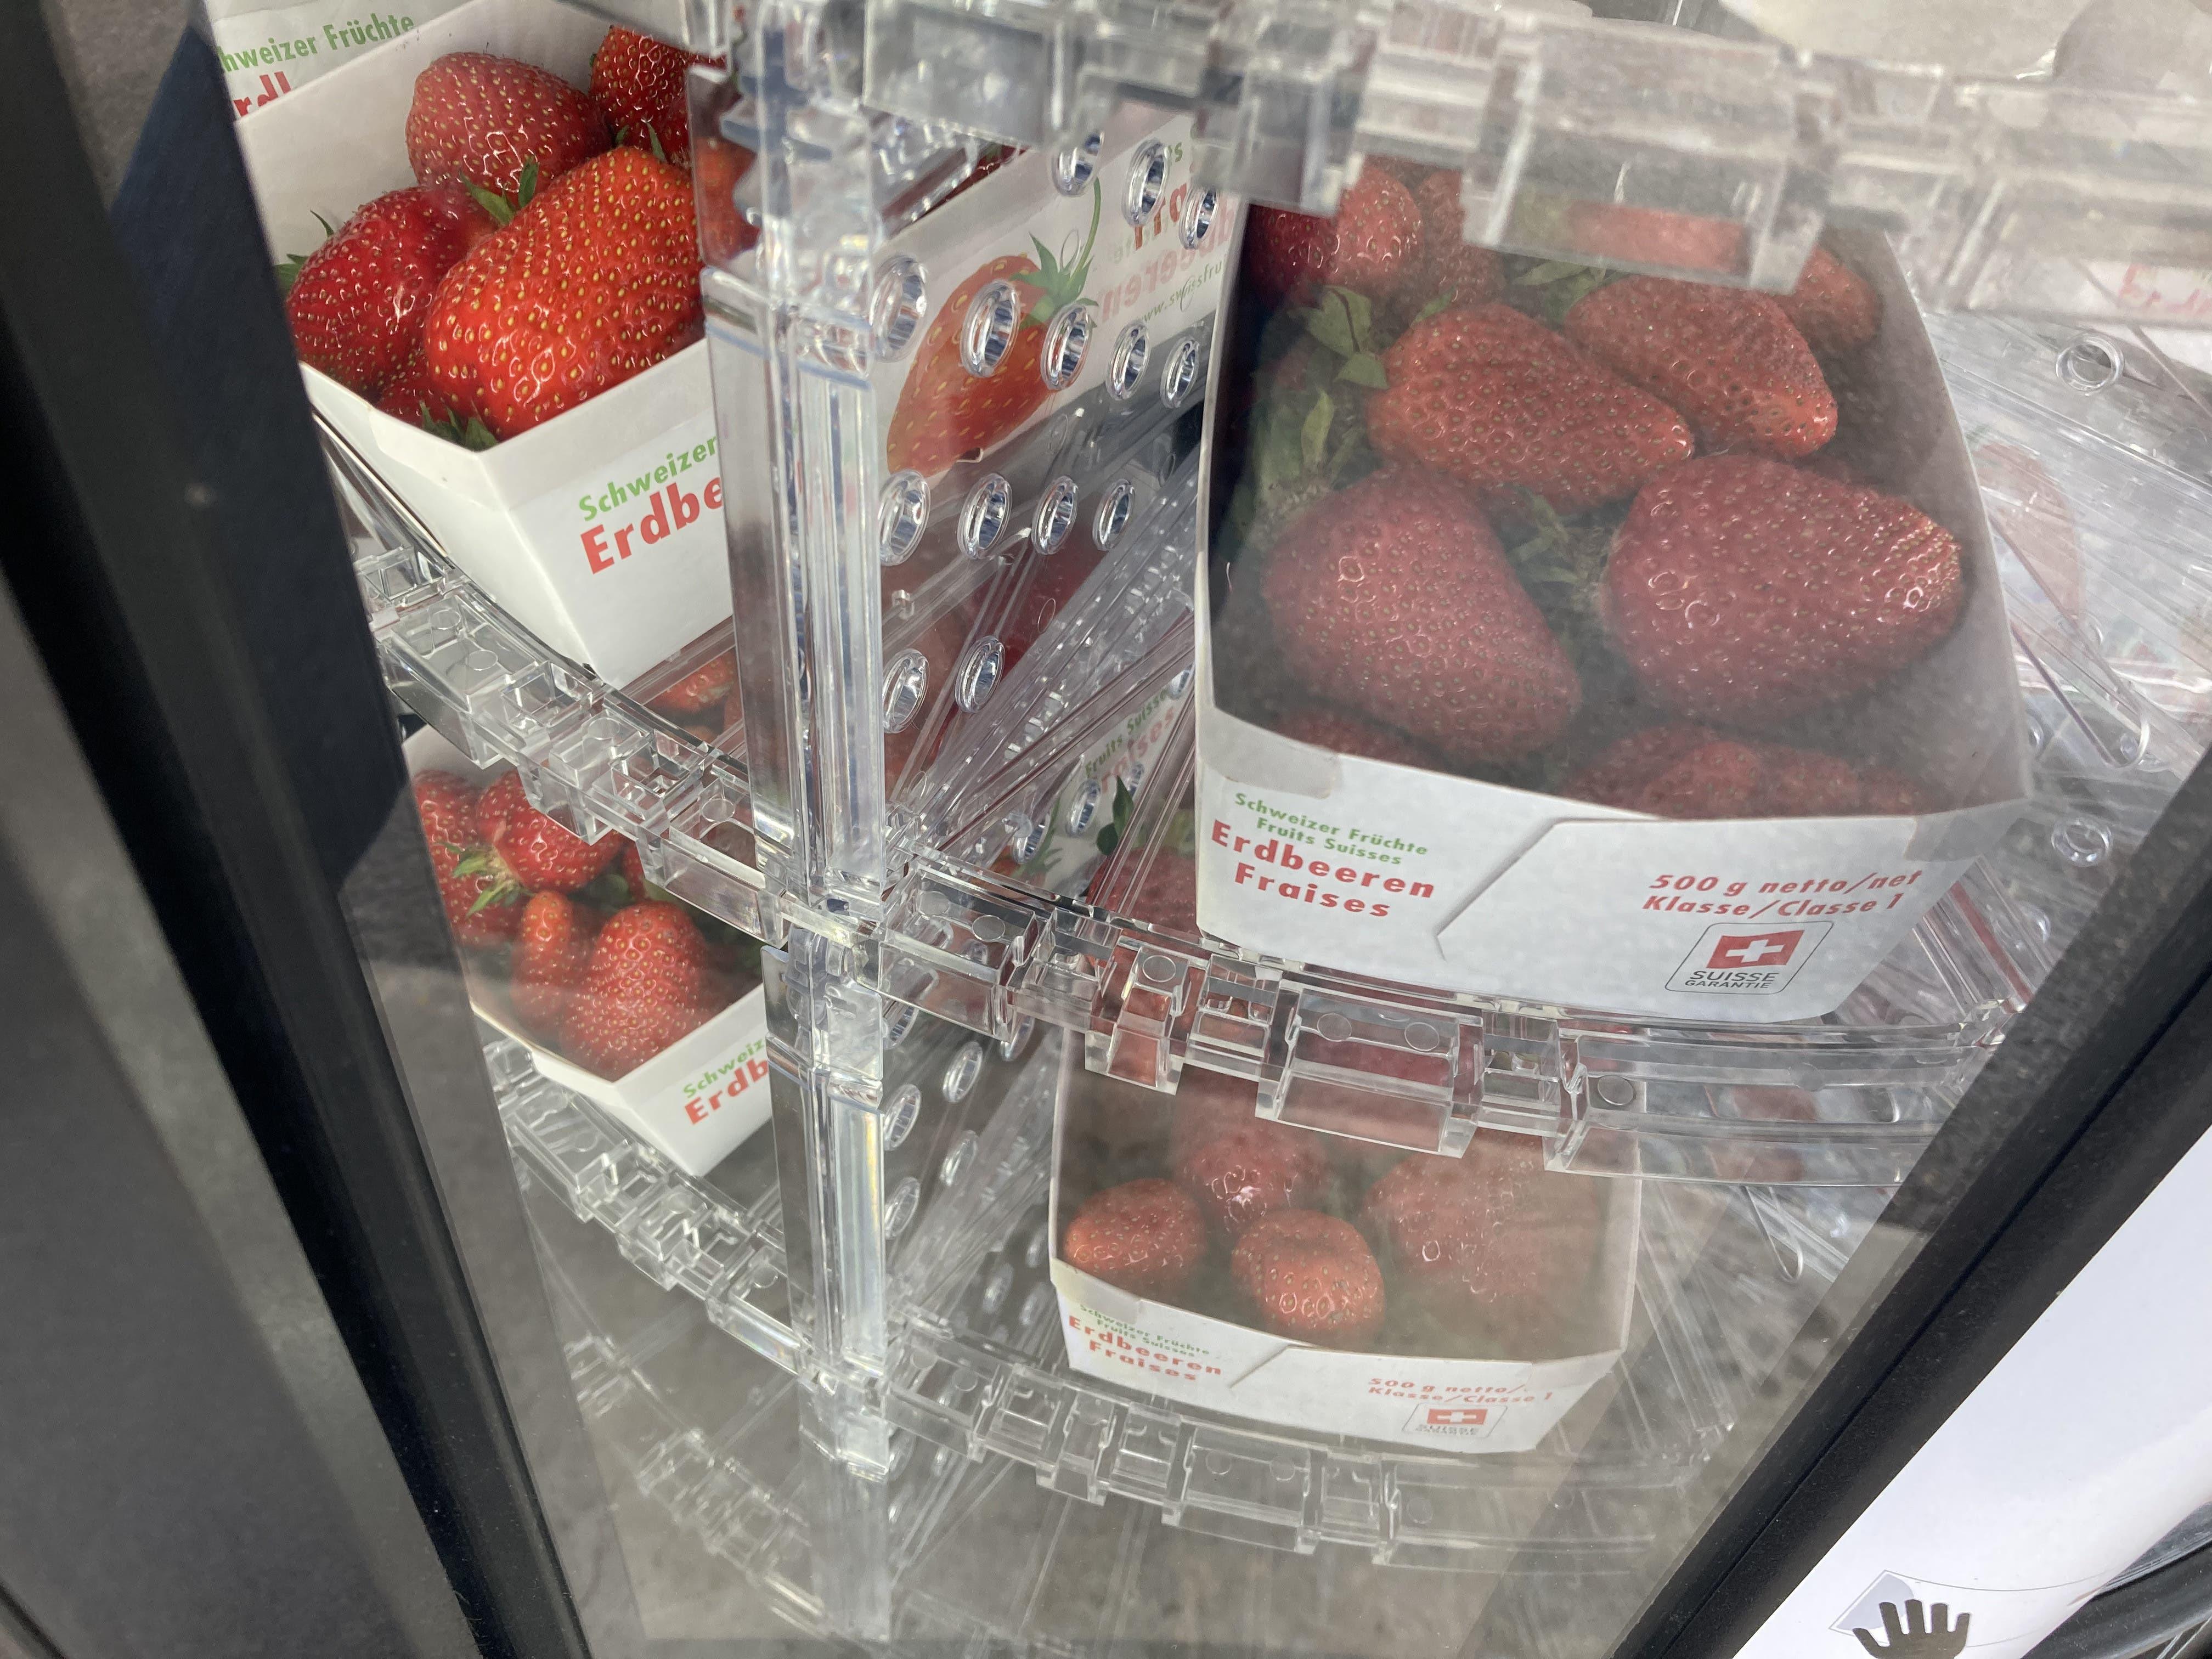 Derzeit sind vor allem Erdbeeren im Angebot beim Beerenautomat an der BP-Tankstelle in Bellach.